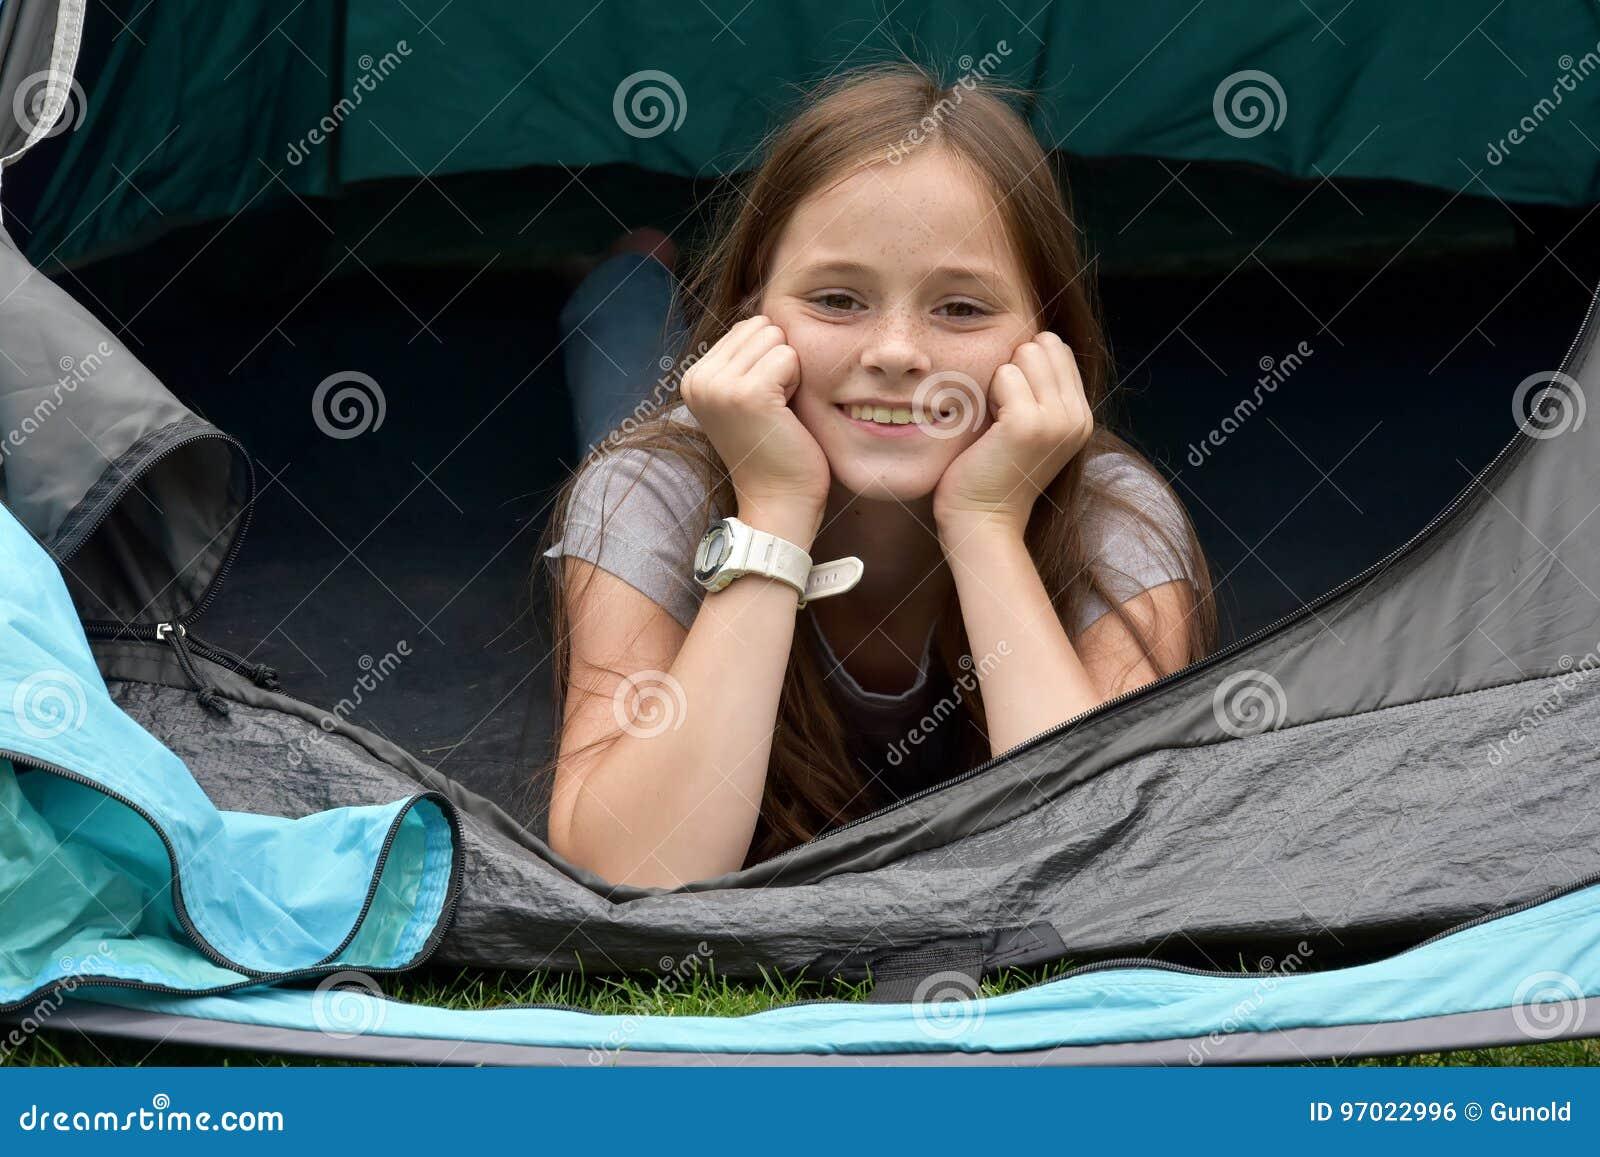 Teenager at camping vacations